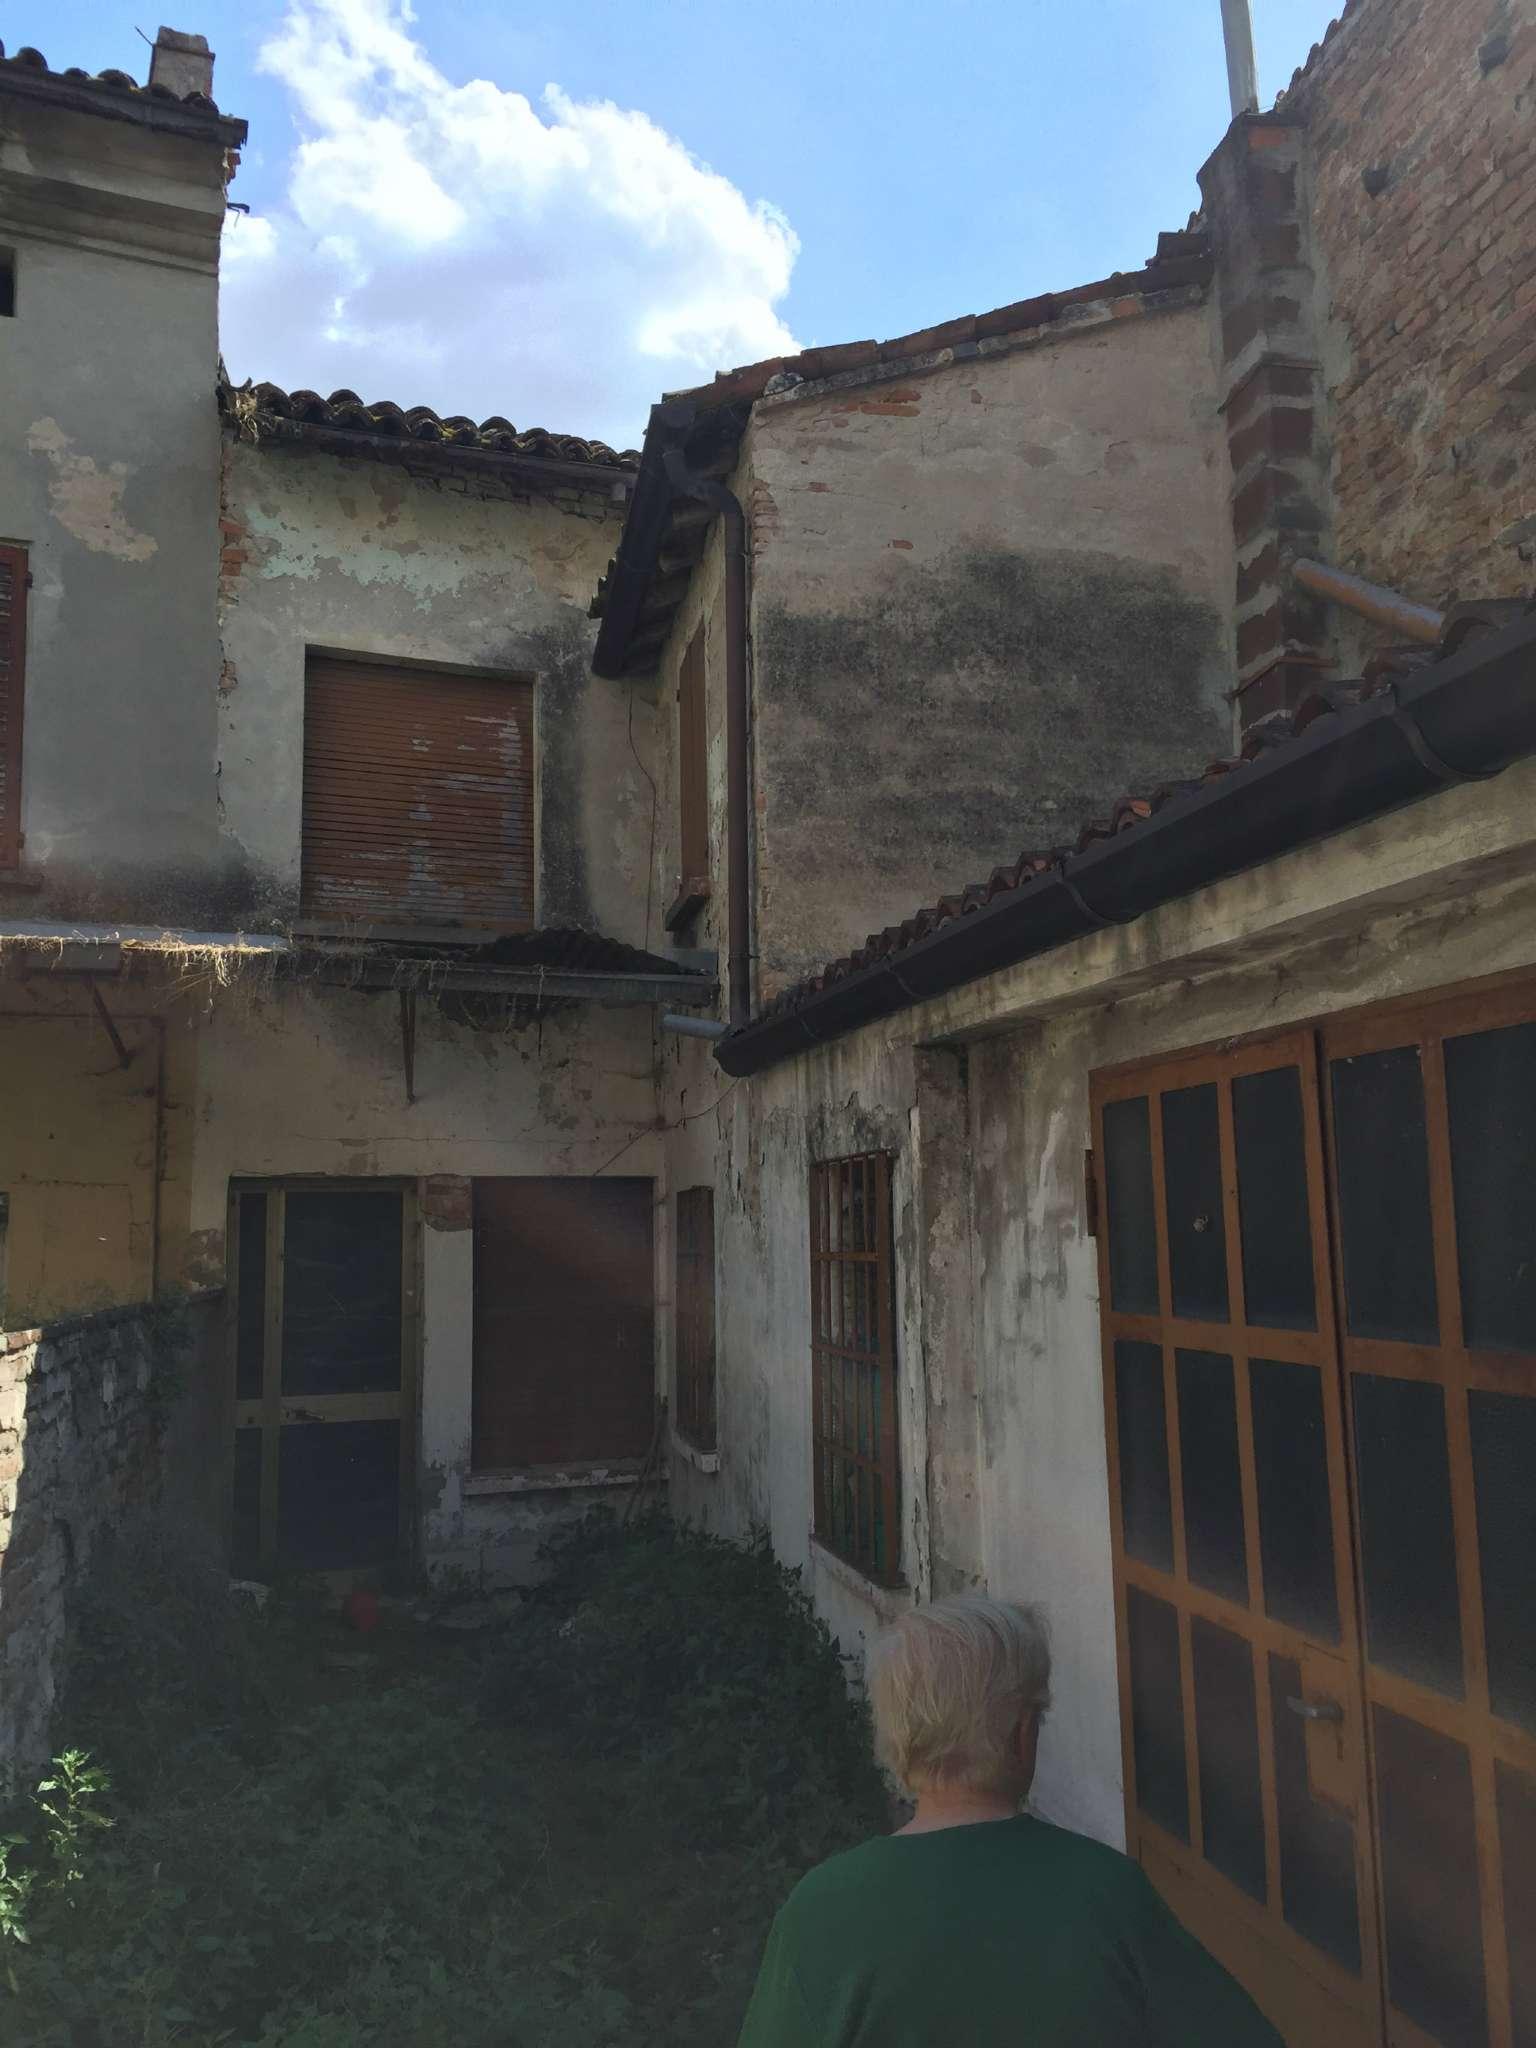 Palazzo / Stabile in vendita a Viadana, 5 locali, prezzo € 70.000   CambioCasa.it